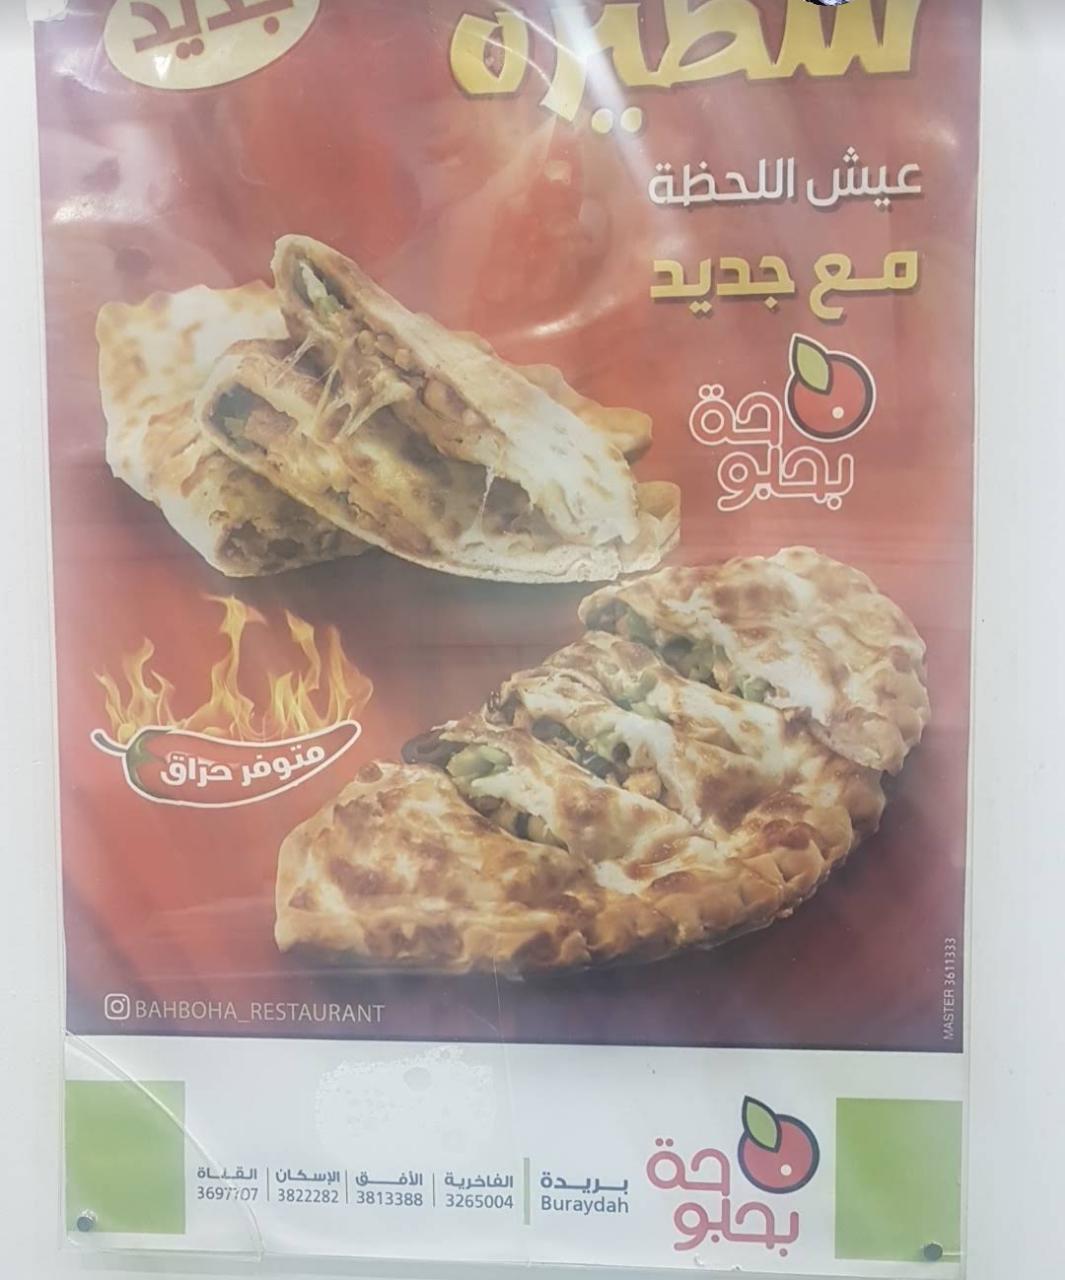 مطعم بحبوحة في بريدة الأسعار المنيو الموقع كافيهات و مطاعم السعودية